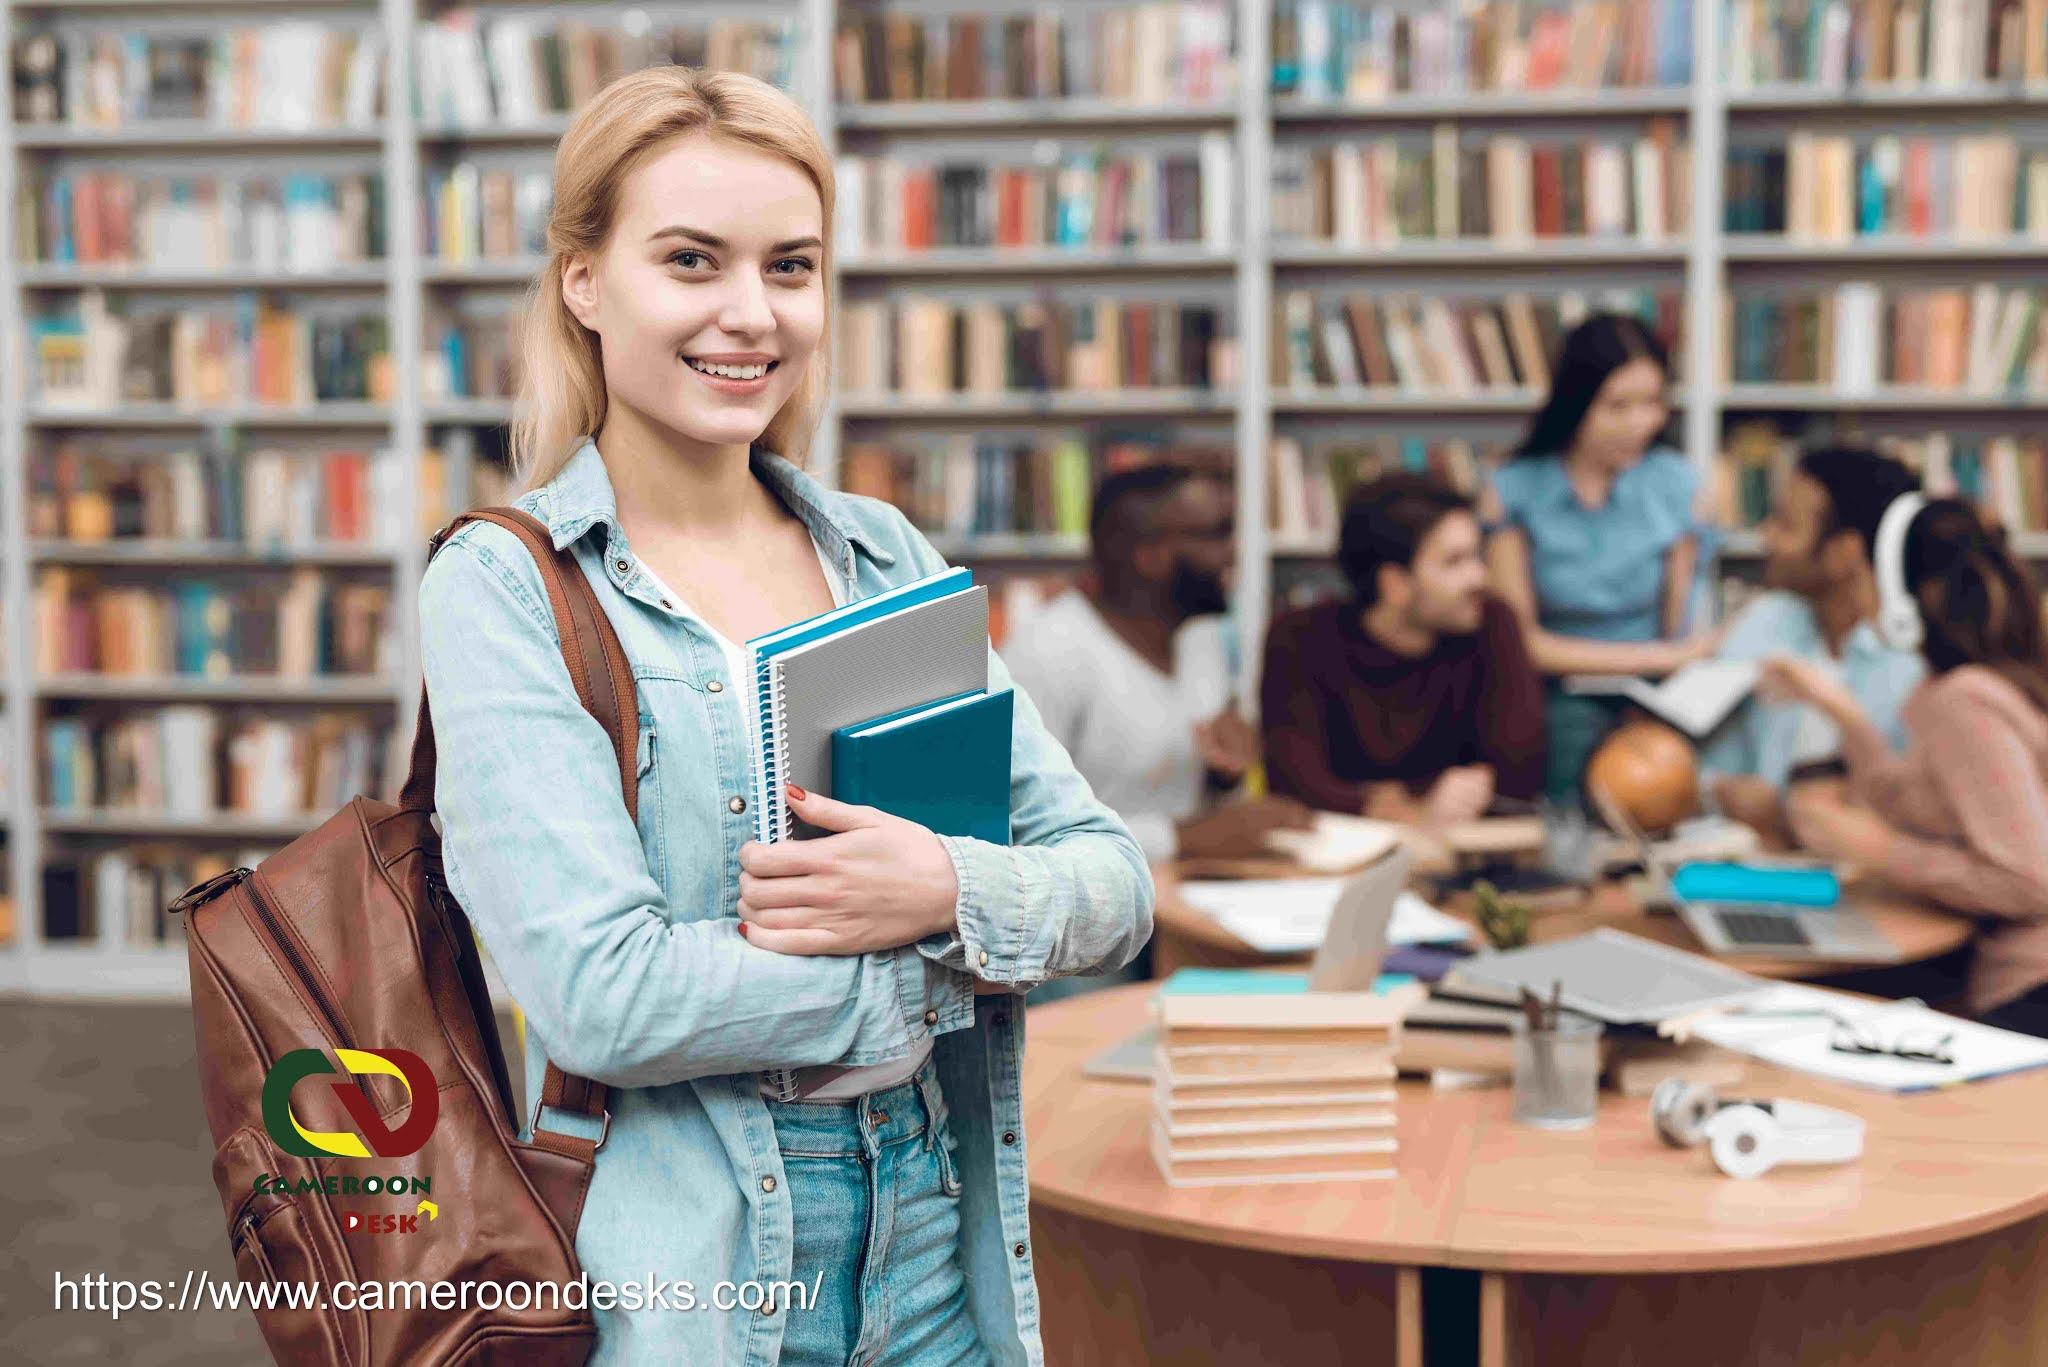 Bourses d'études entièrement financées par l'Université de technologie de Singapour 2021